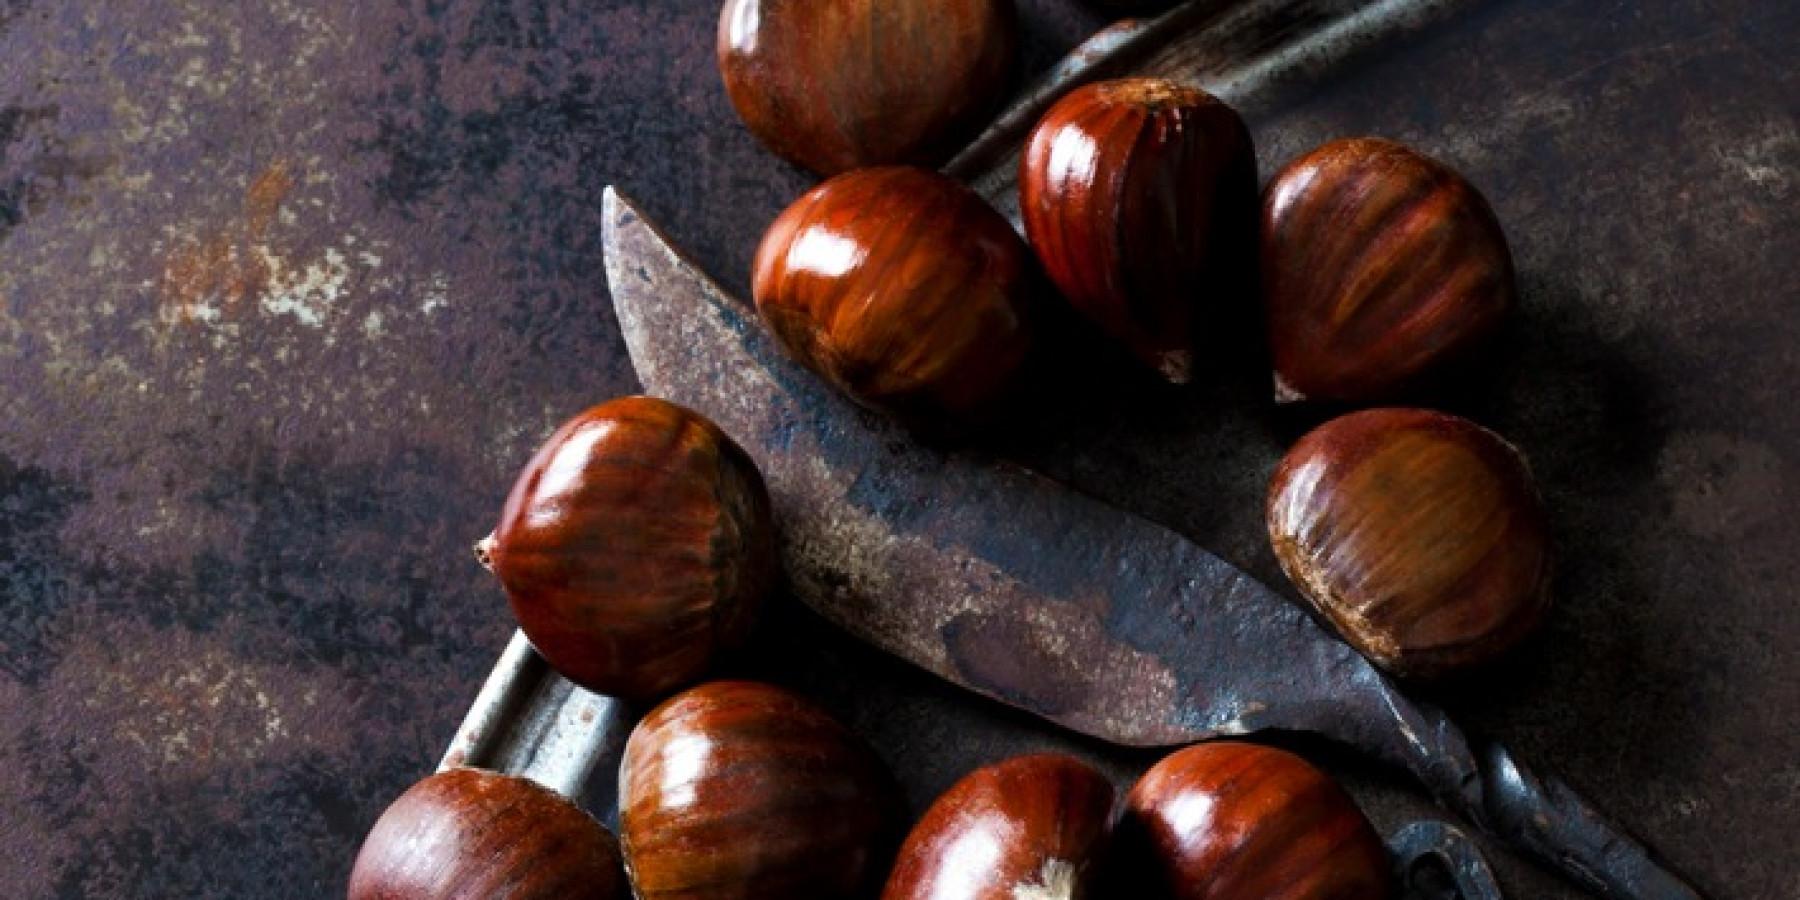 Maronen liefern Vitamine, Mineral- und Ballaststoffe